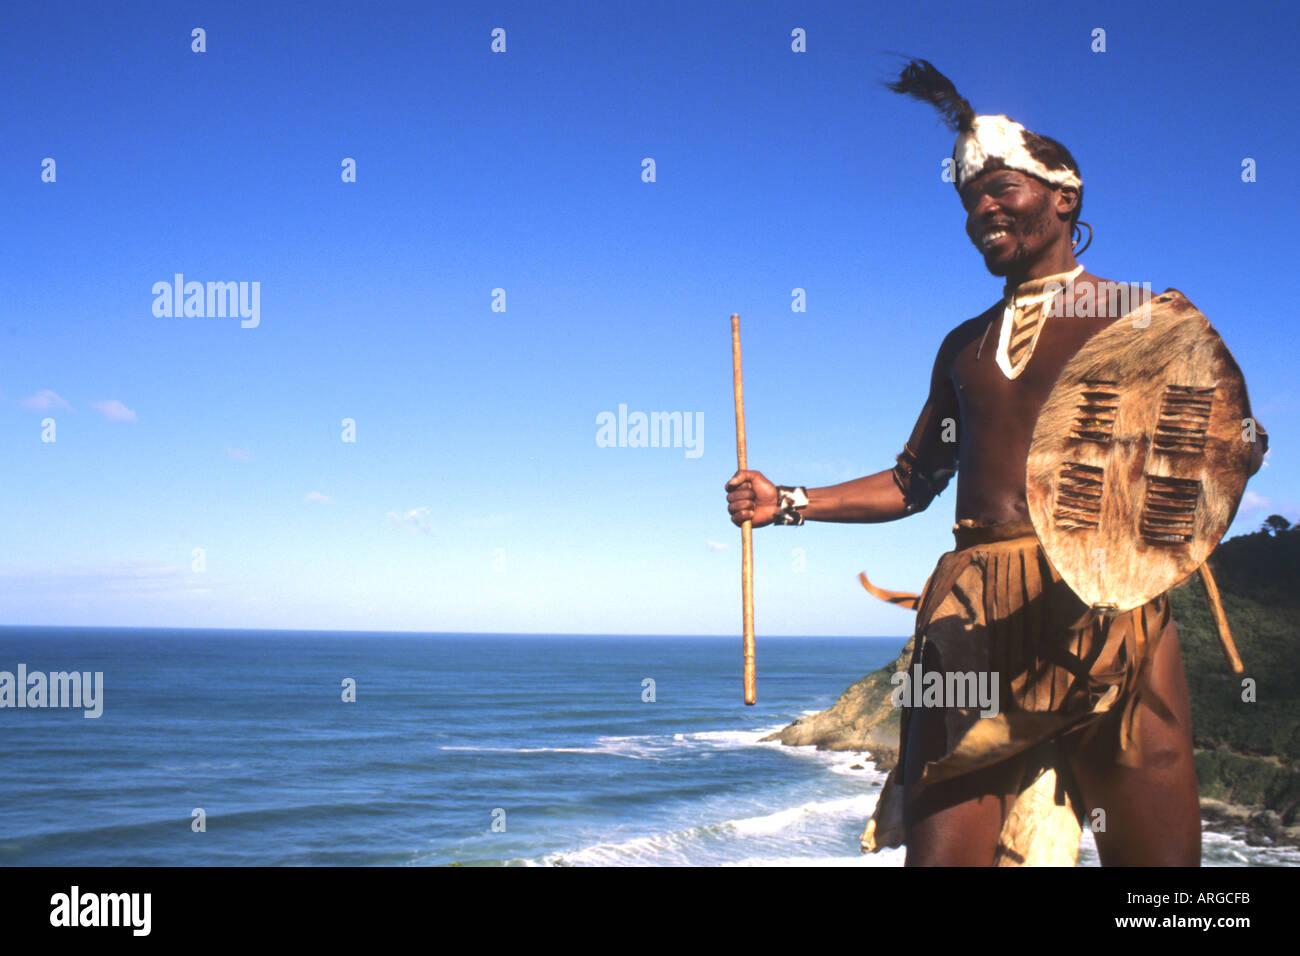 Nativo di tribù Pondo guerriero in Sud Africa sull'acqua vicino al deserto Immagini Stock